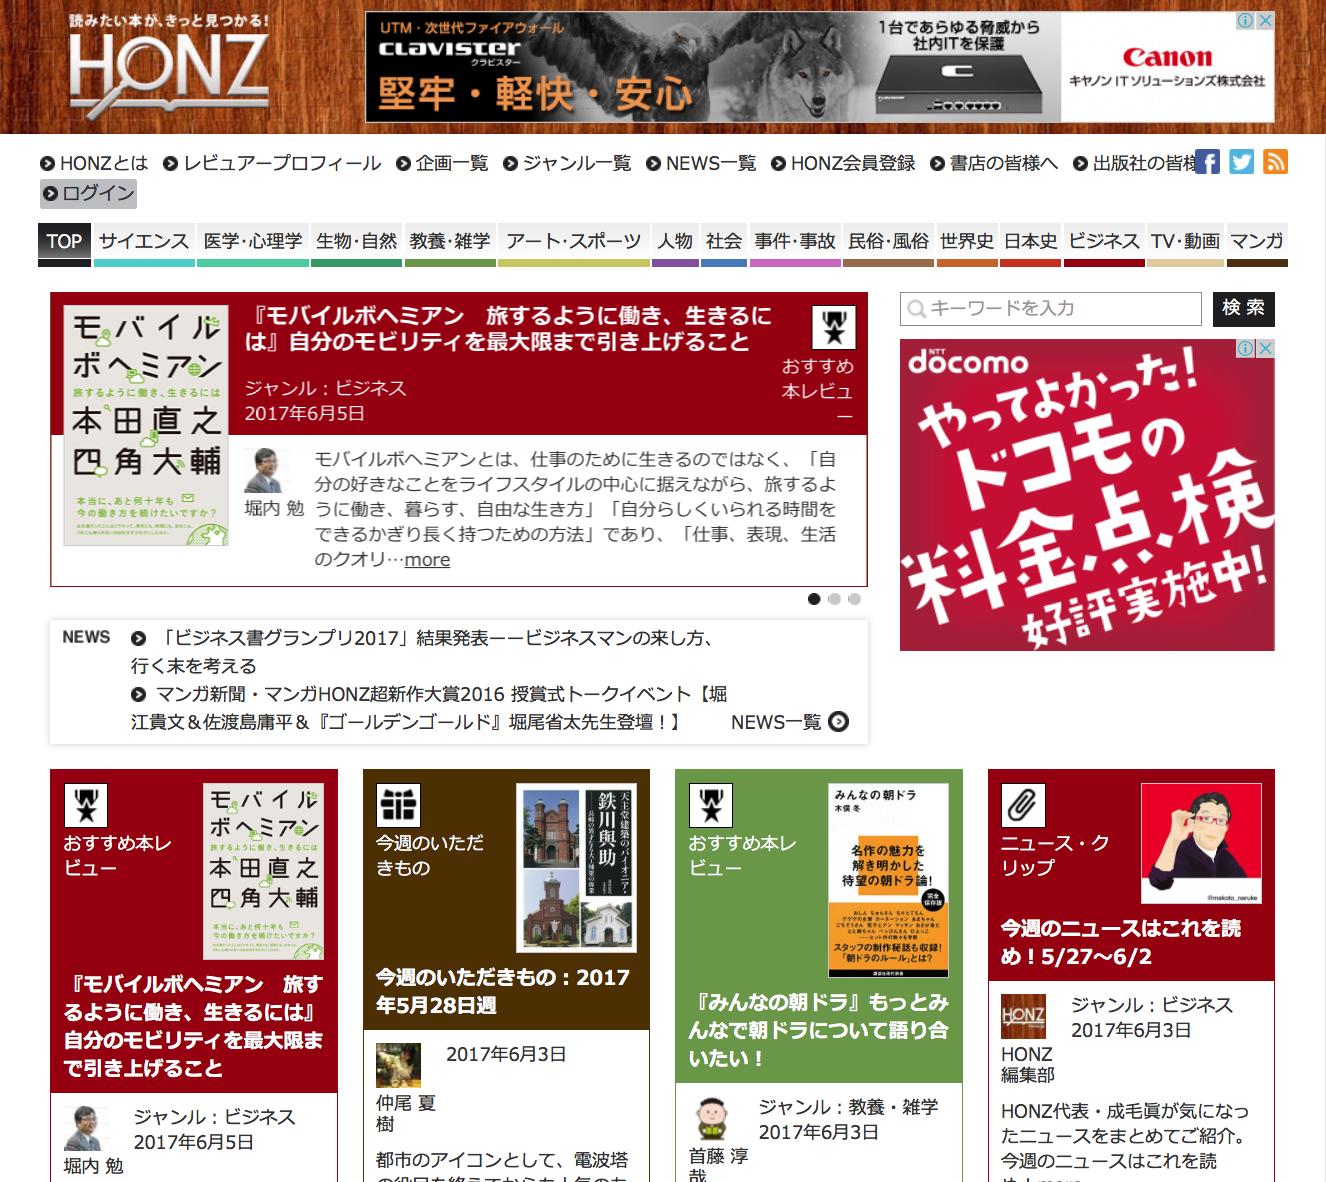 「【メディア掲載】HONZに『モバイルボヘミアン』の記事が掲載されました。」記事アイキャッチ画像